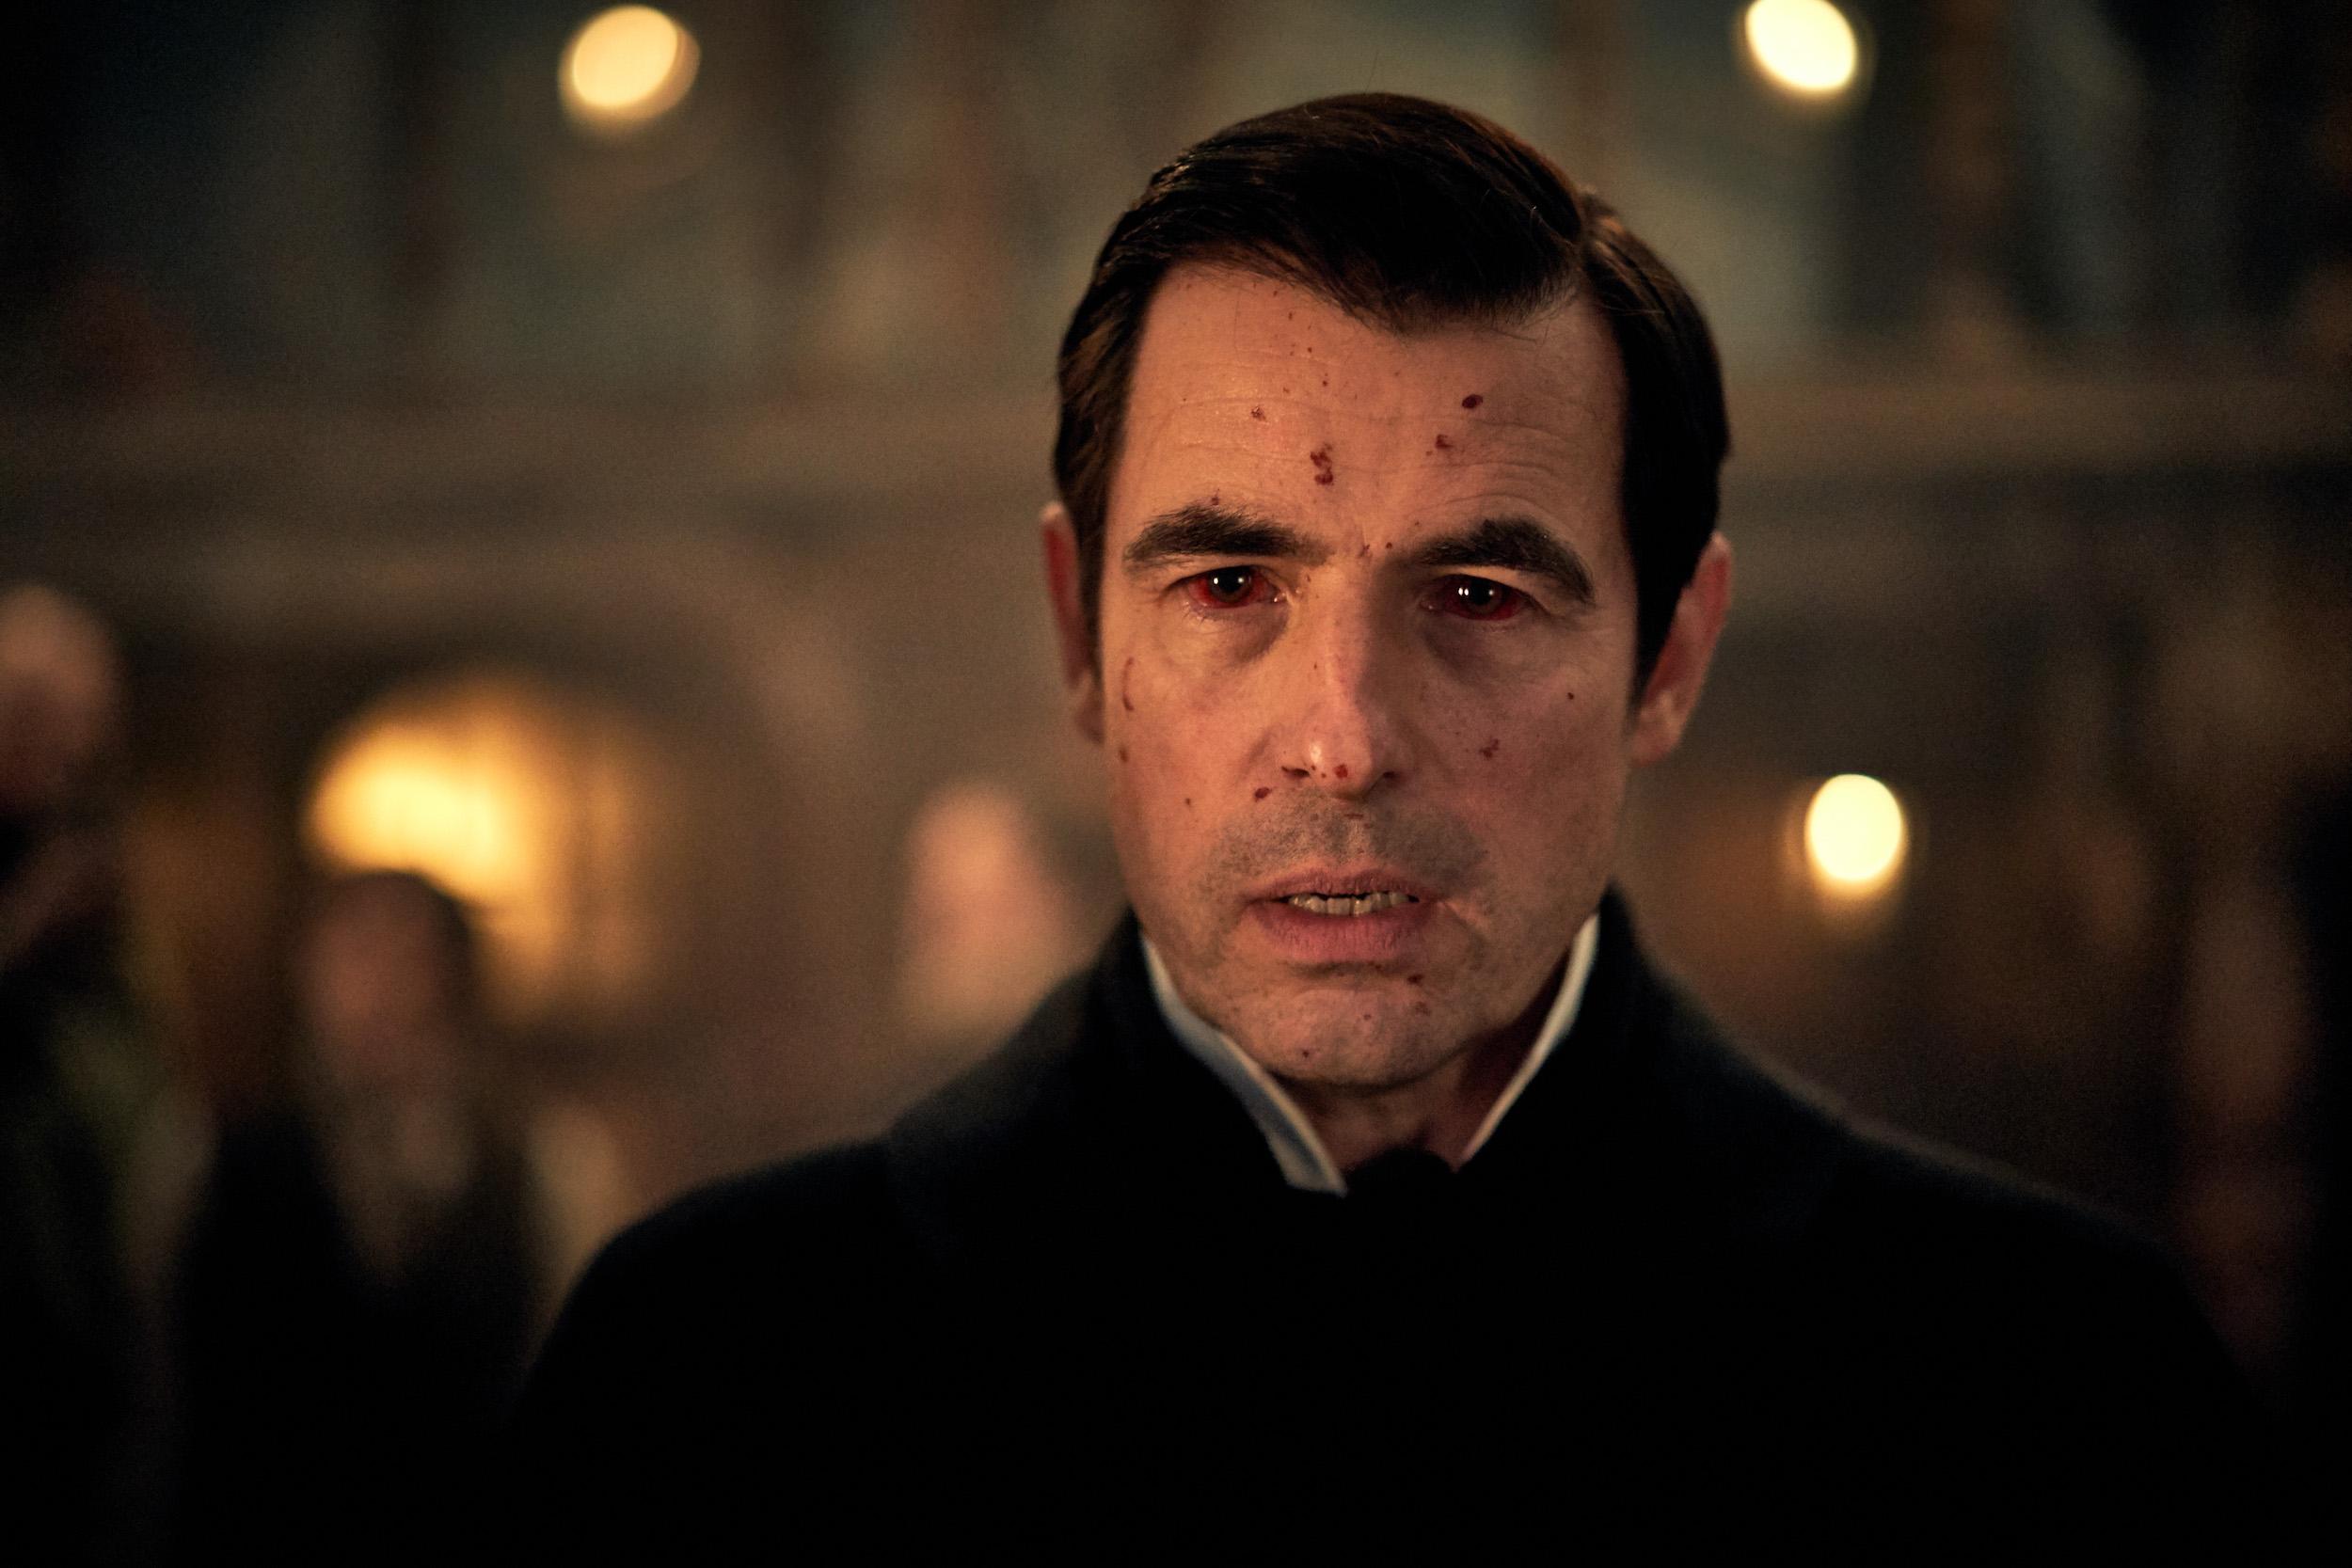 Dracula sur Netflix : les créateurs de Sherlock se ratent par excès de morbide